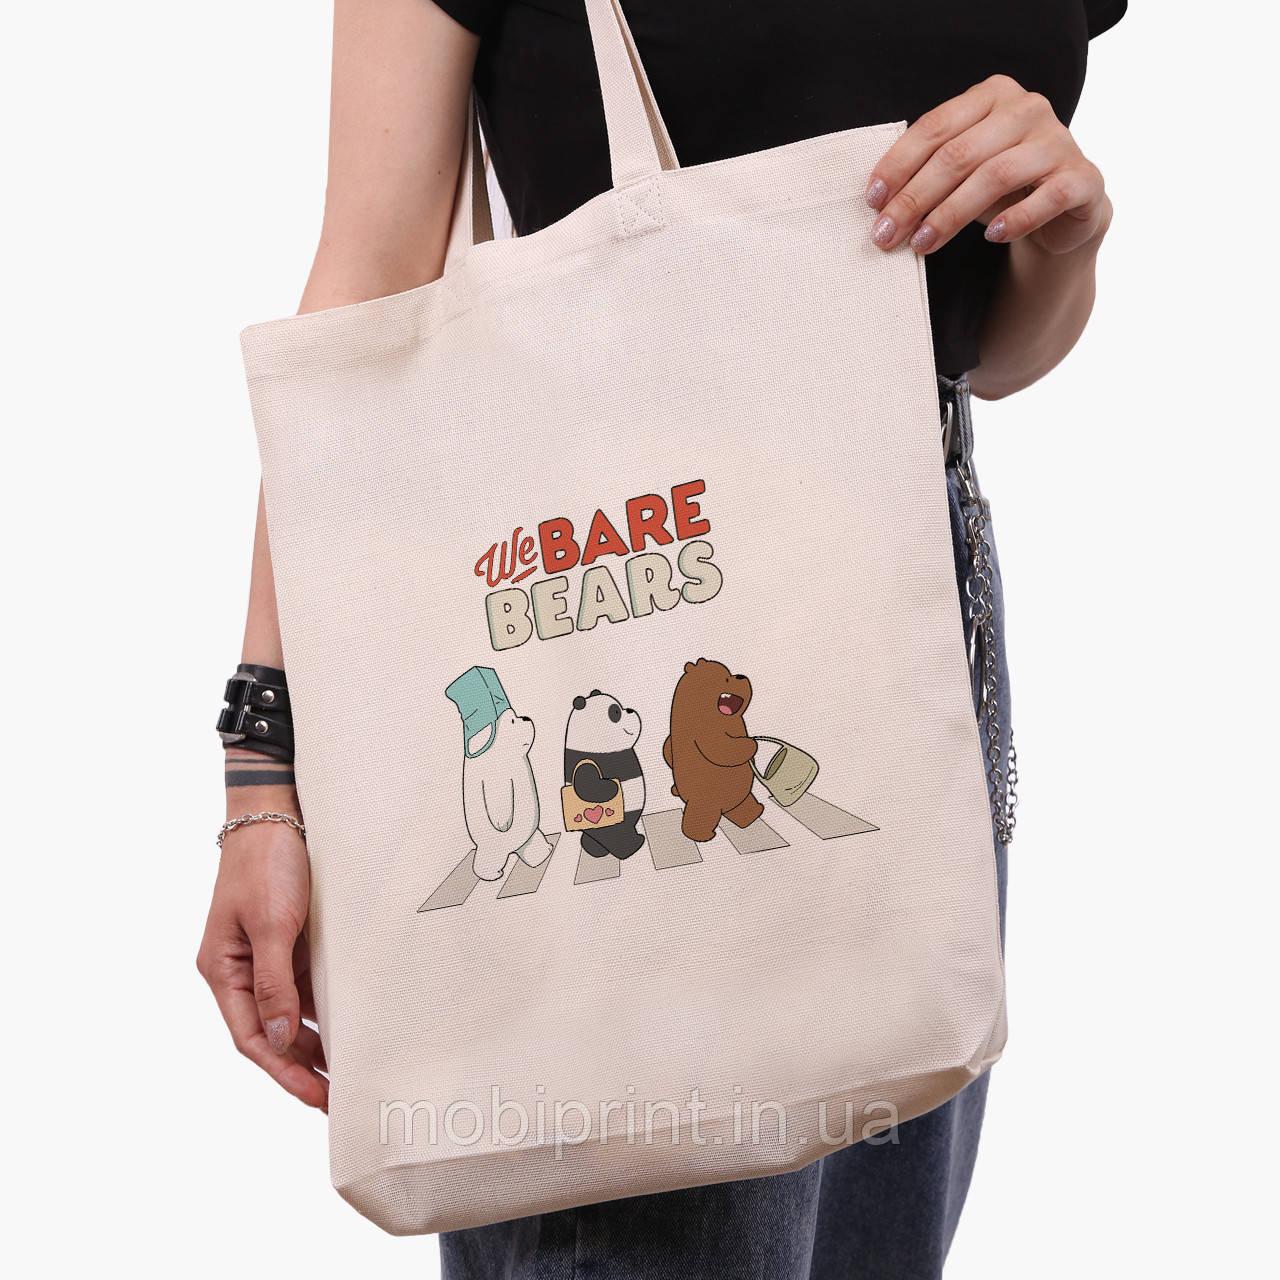 Еко сумка шоппер біла Вся правда про ведмедів (We Bare Bears) (9227-2666-1) 41*39*8 см